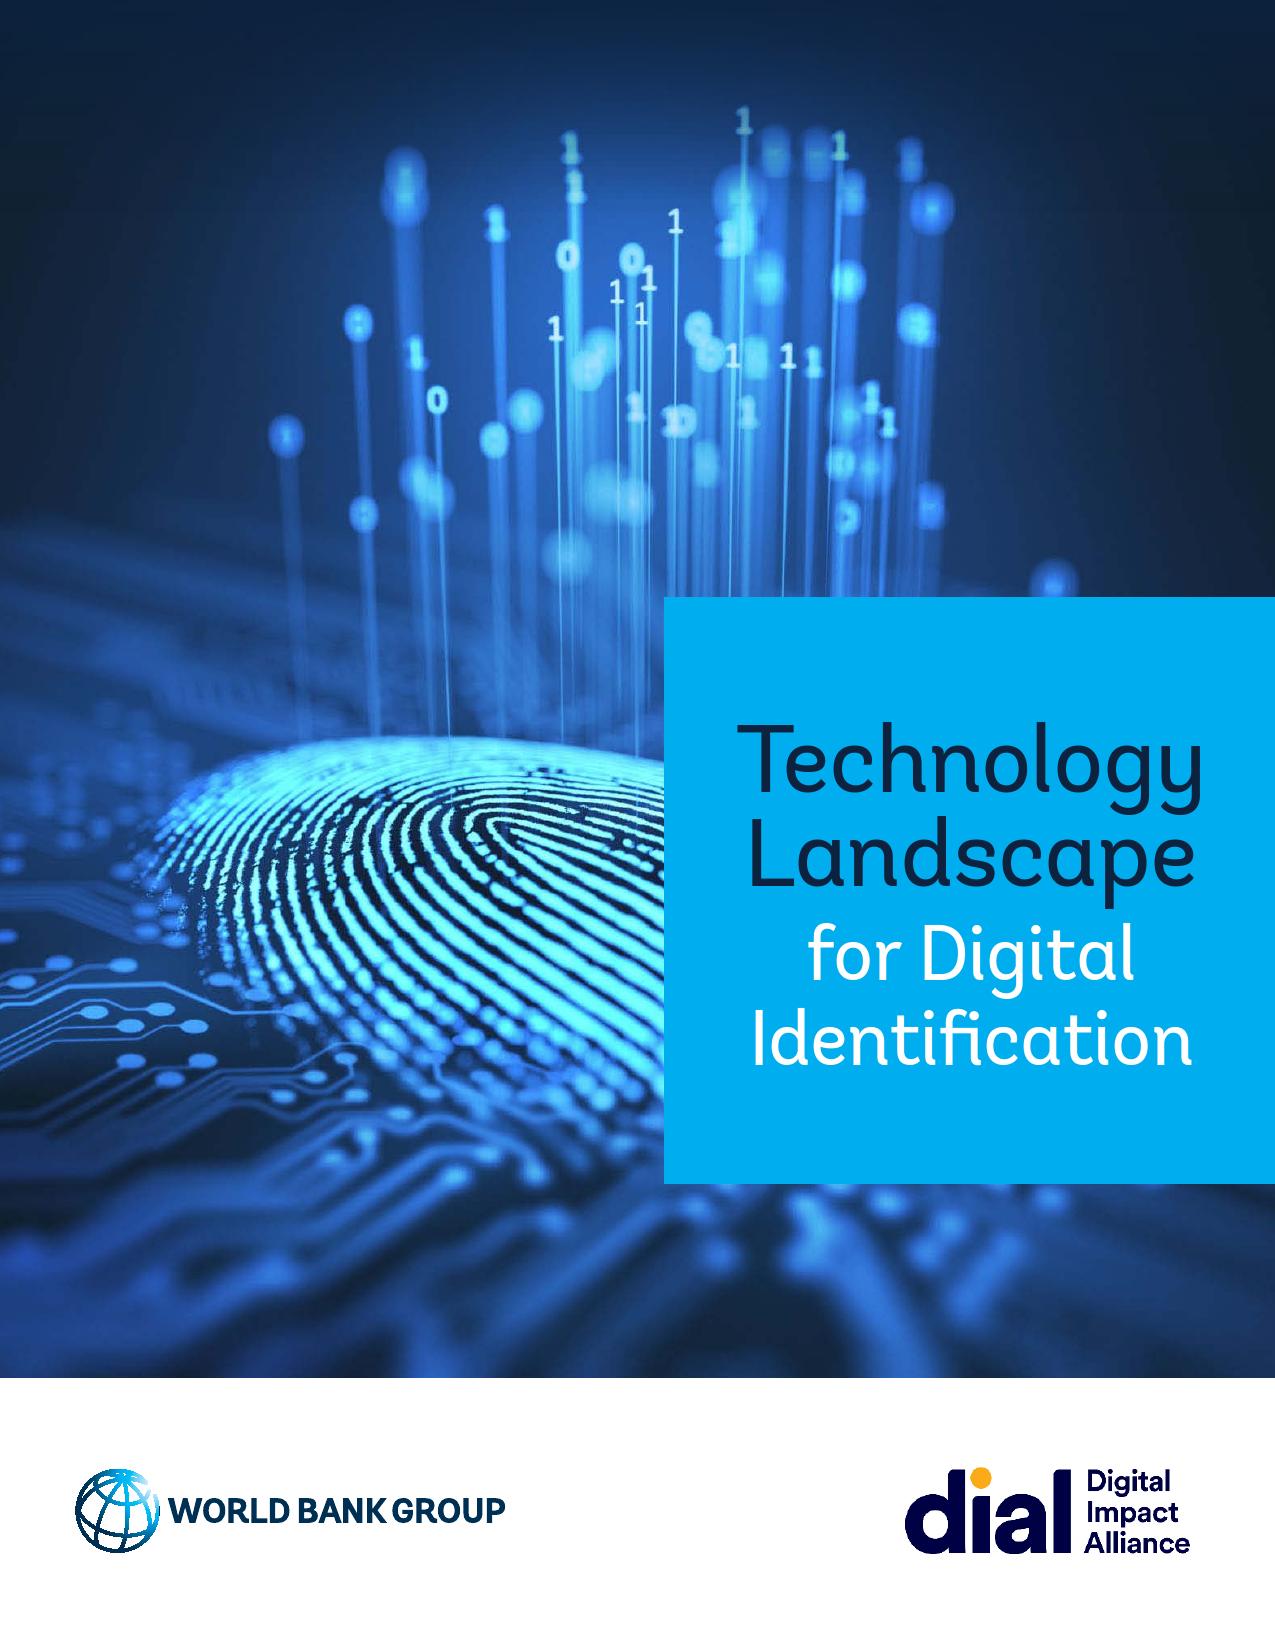 世界银行:解密数字识别技术报告(附下载)